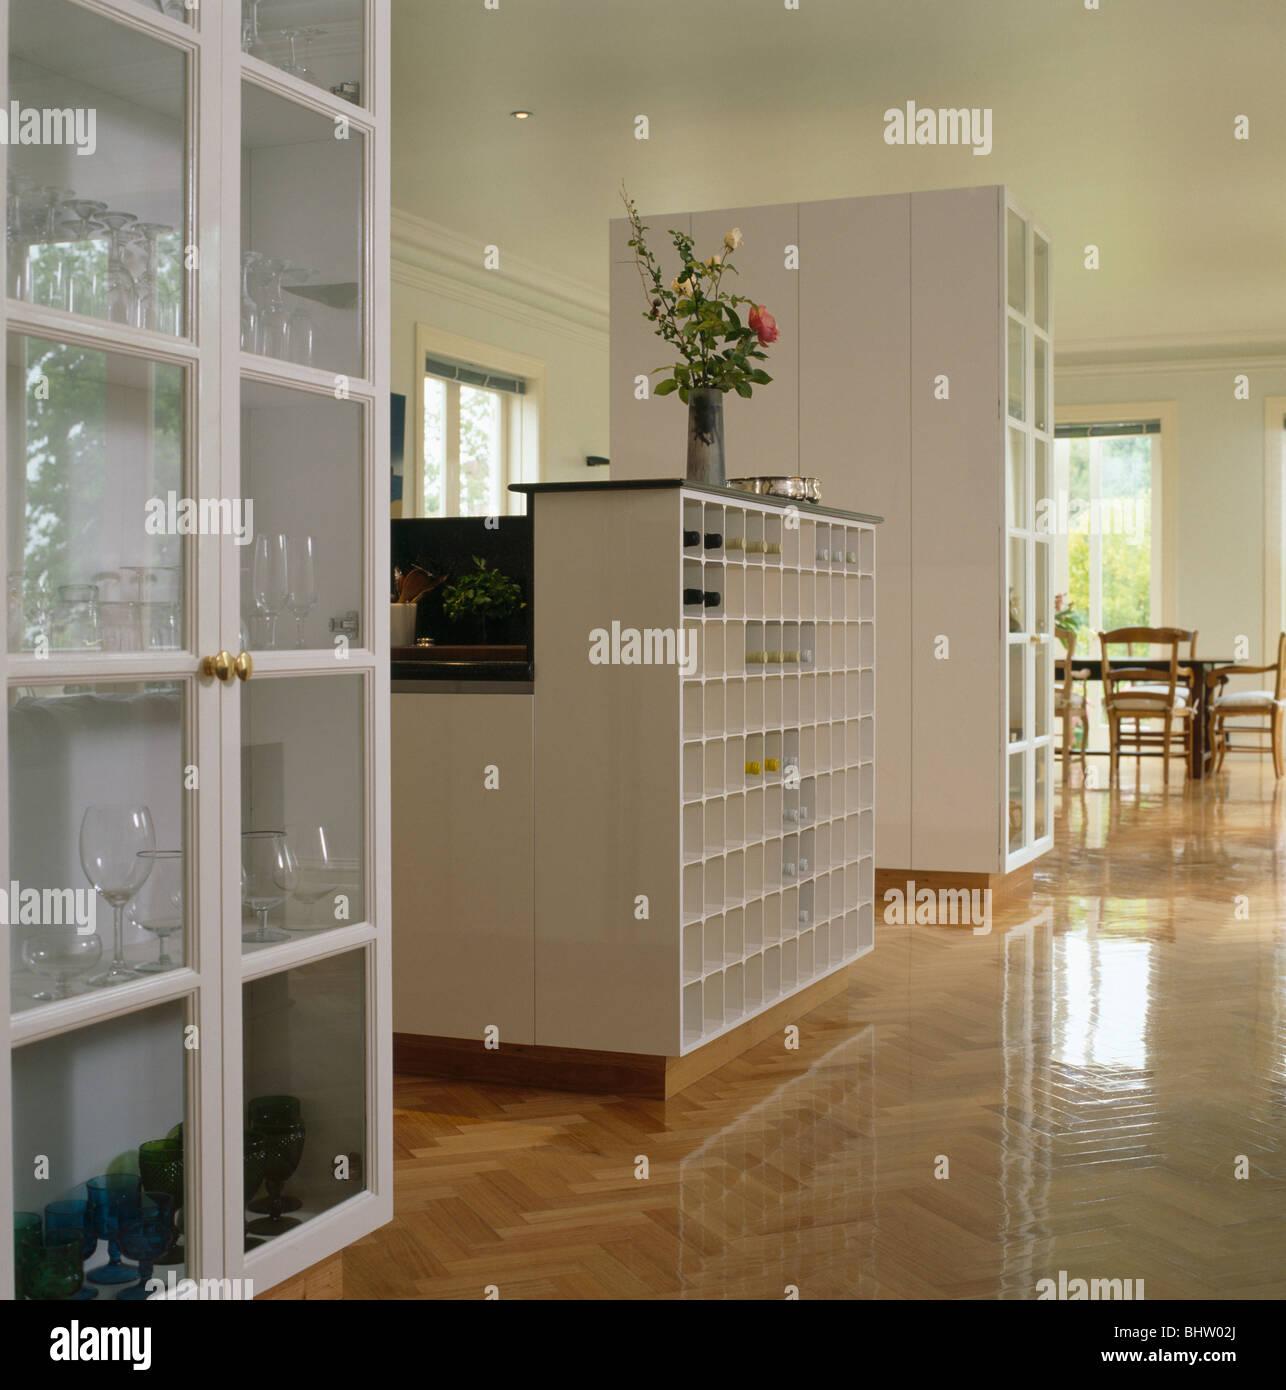 Weisser Schrank Mit Glasturen In Modernen Weissen Offene Kuche Mit